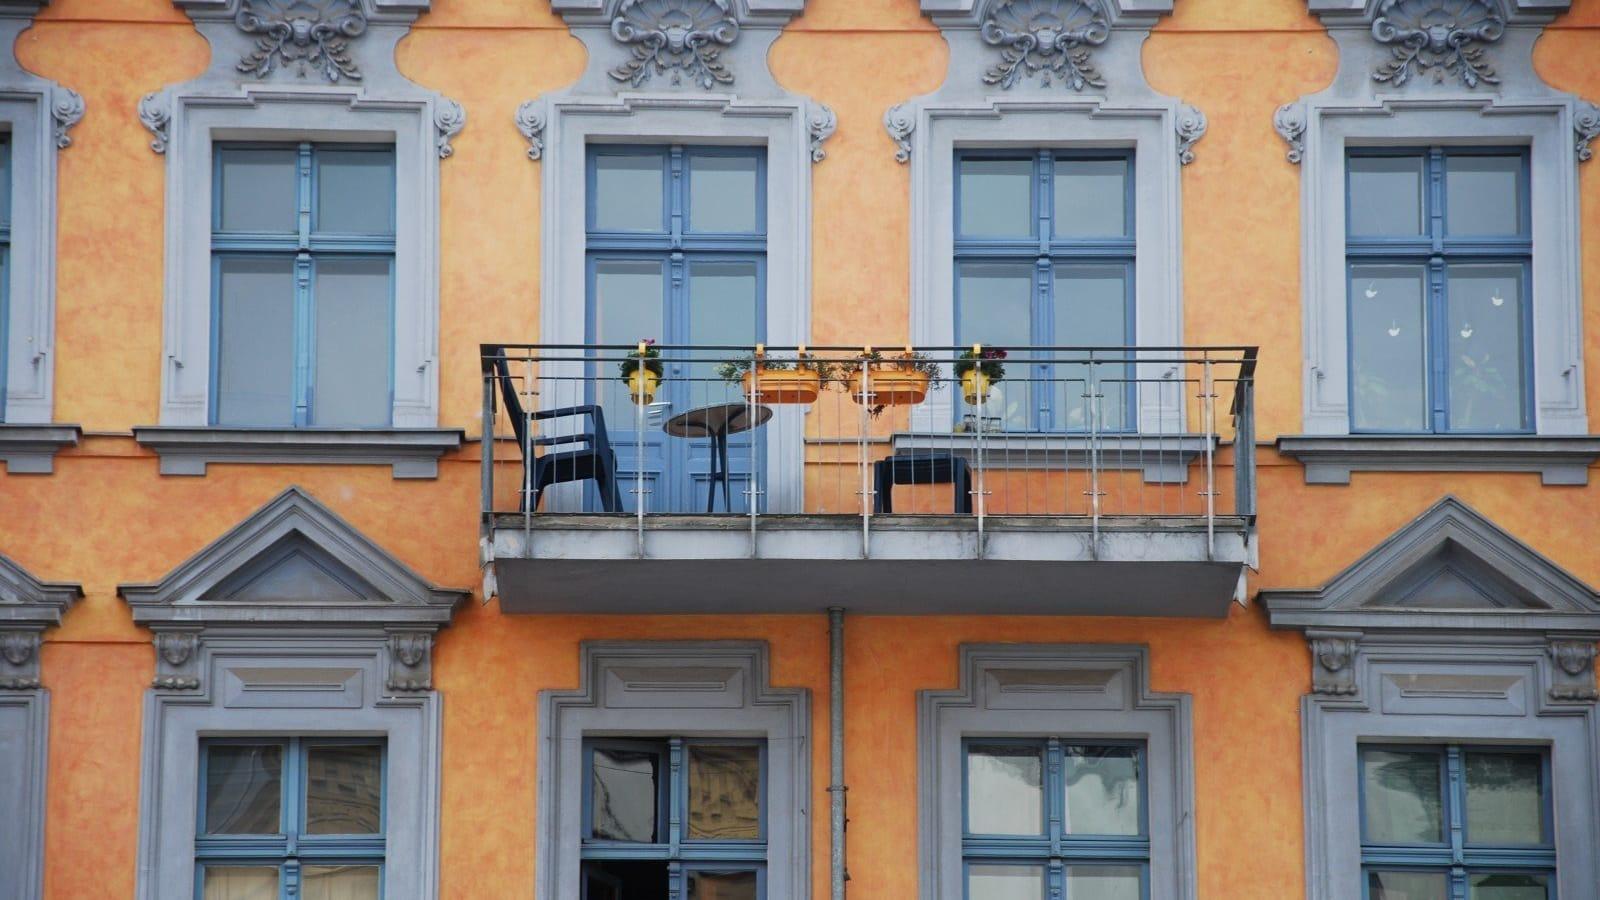 Prêt immobilier et loi Malraux: réhabiliter des bâtiments à louer